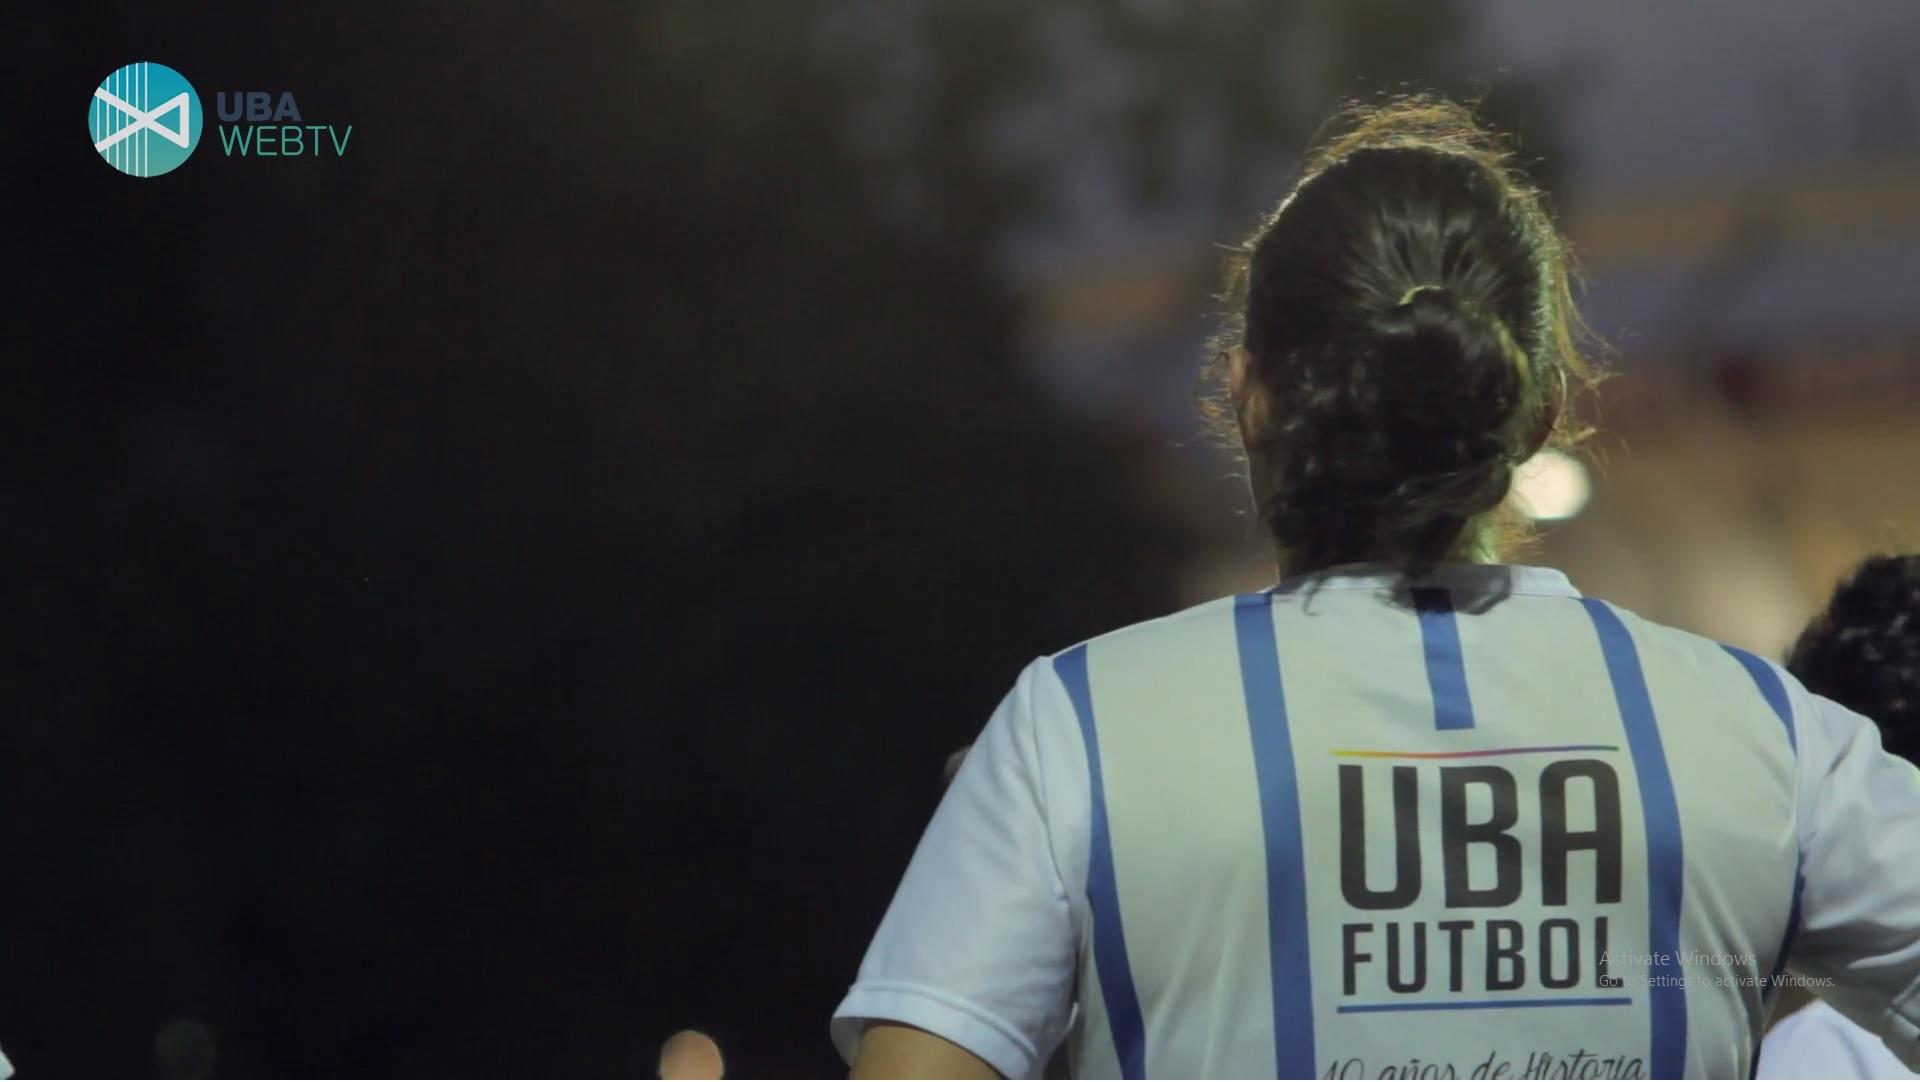 A DONDE JUEGUES TE SIGO: Fútbol femenino